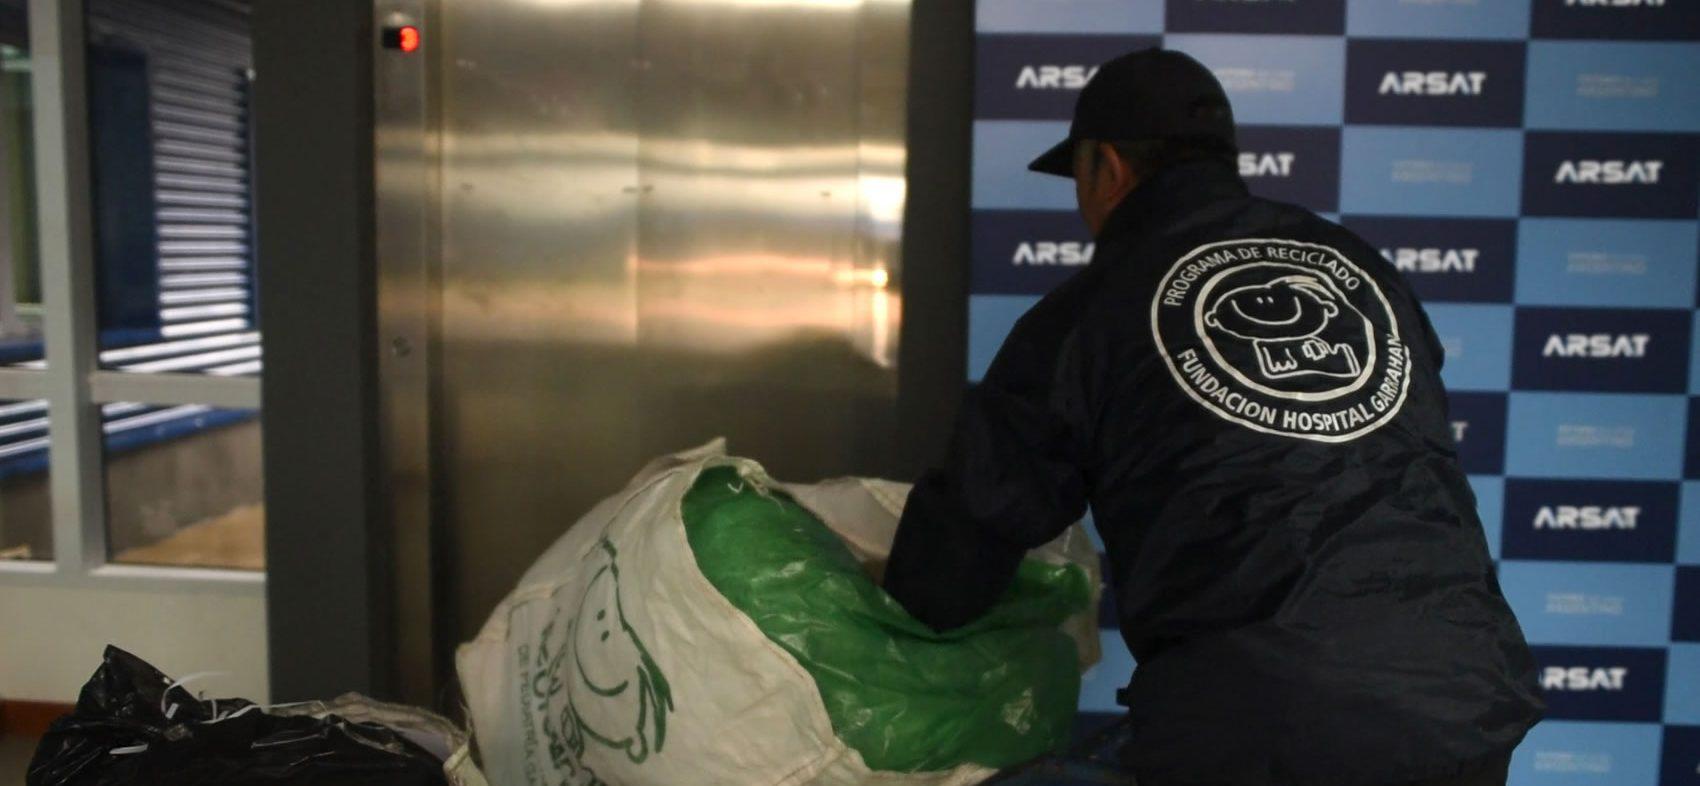 De espaldas, un hombre de la Fundación del Hospital Garraham traslada una bolsa con reciclajes, al fondo se ve un panel con logos de Arsat.